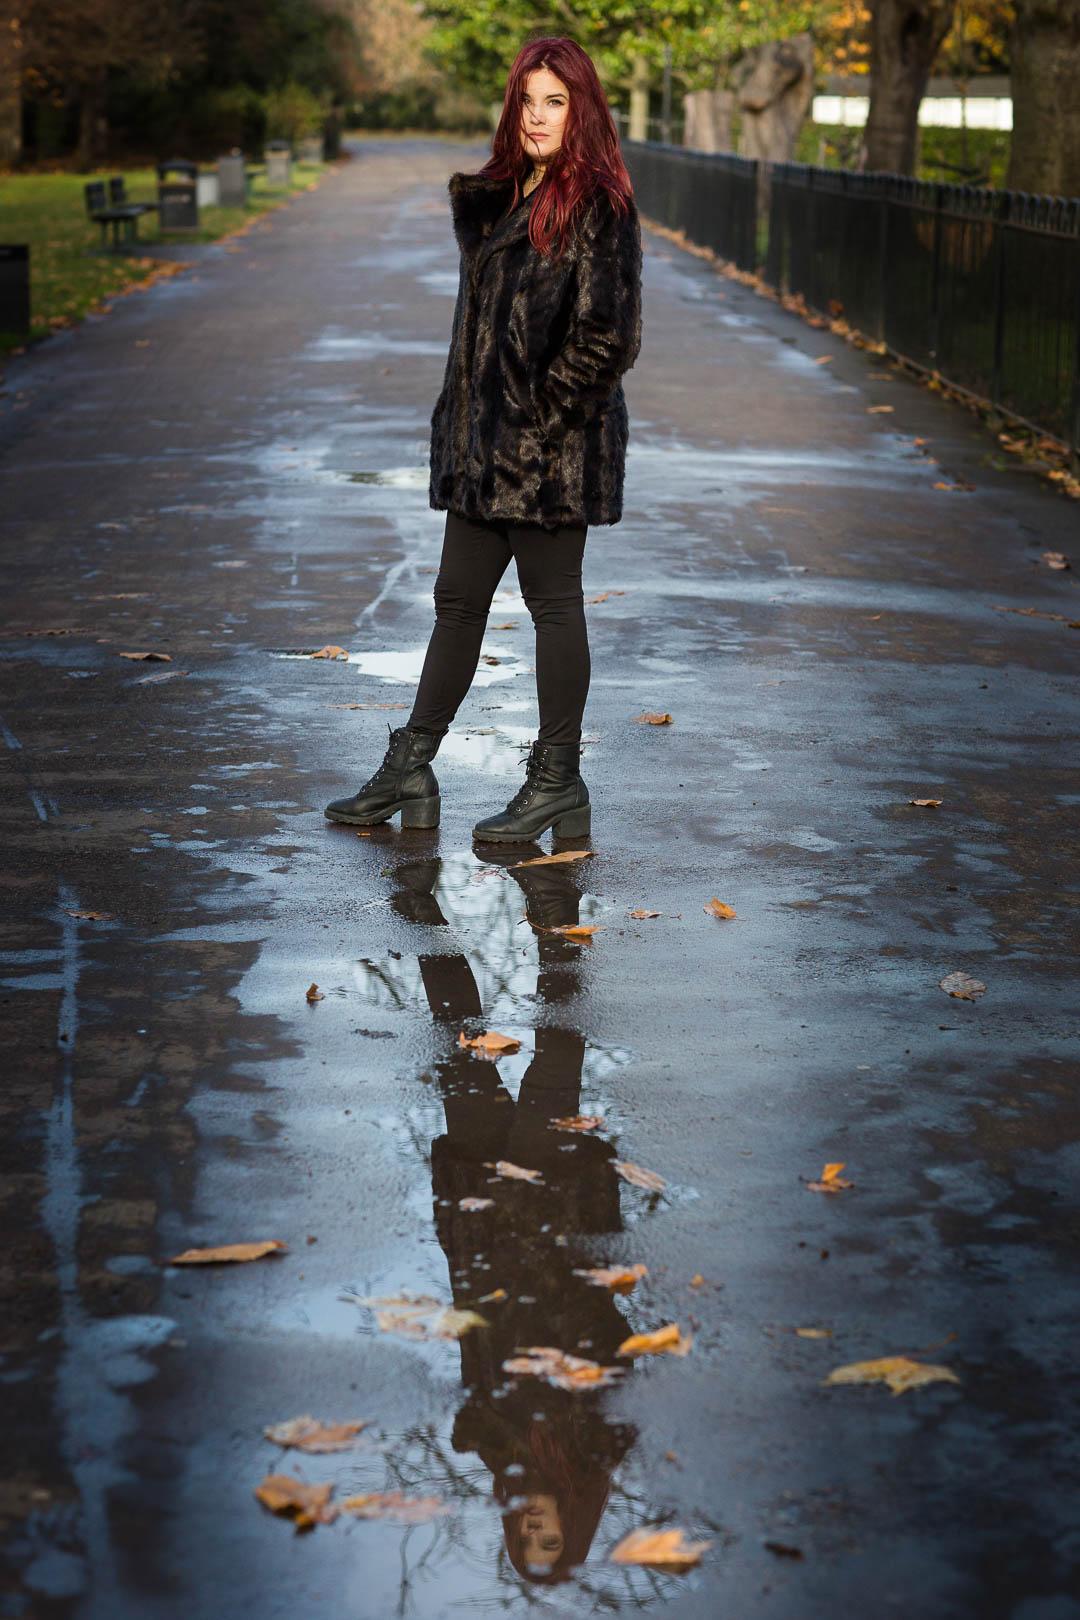 london portrait photography 10-2